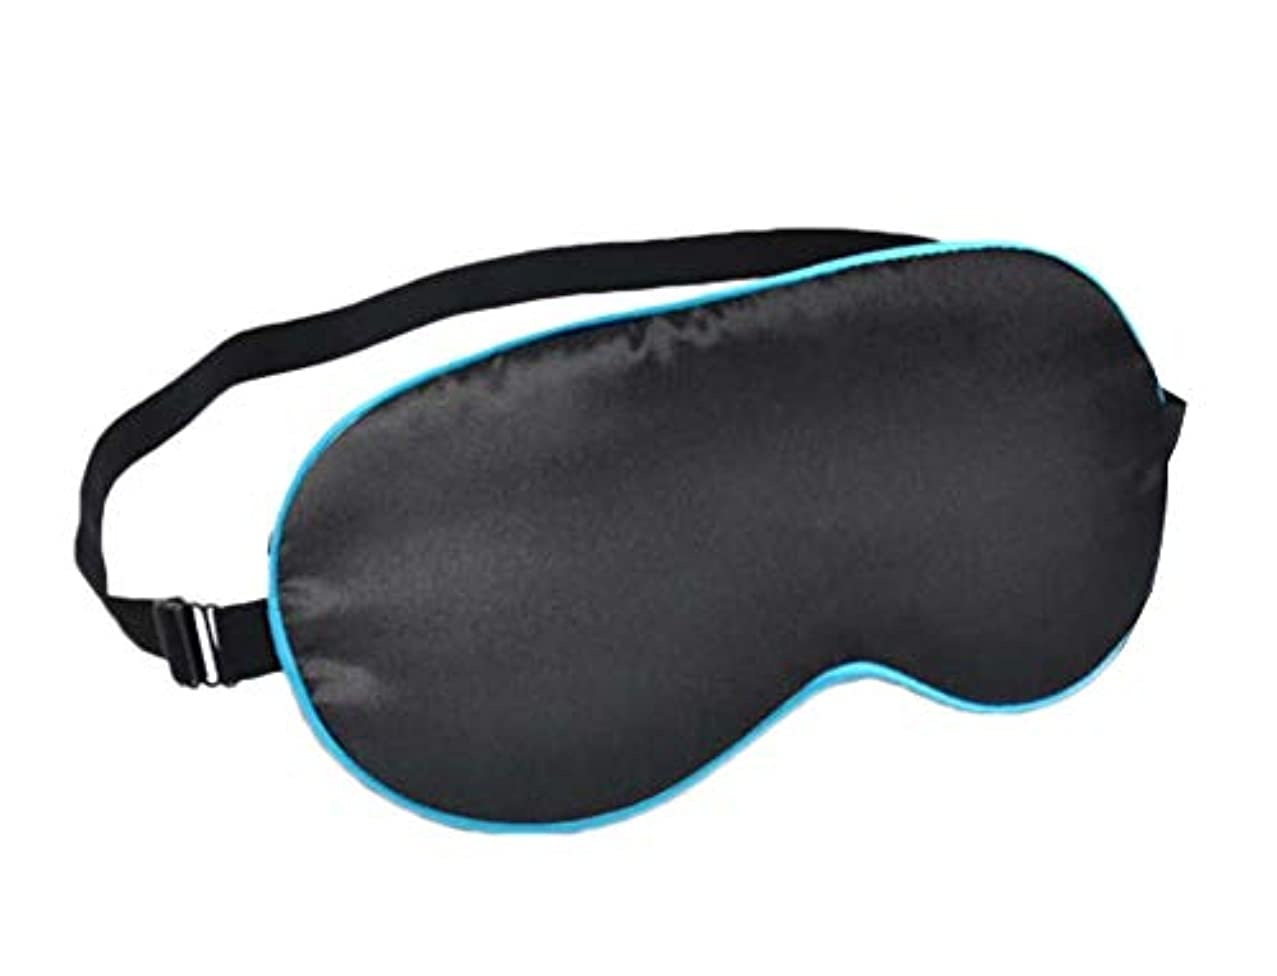 毒液獣ぺディカブ子供たちシルク睡眠アイマスク睡眠のソフトアイマスク - 15